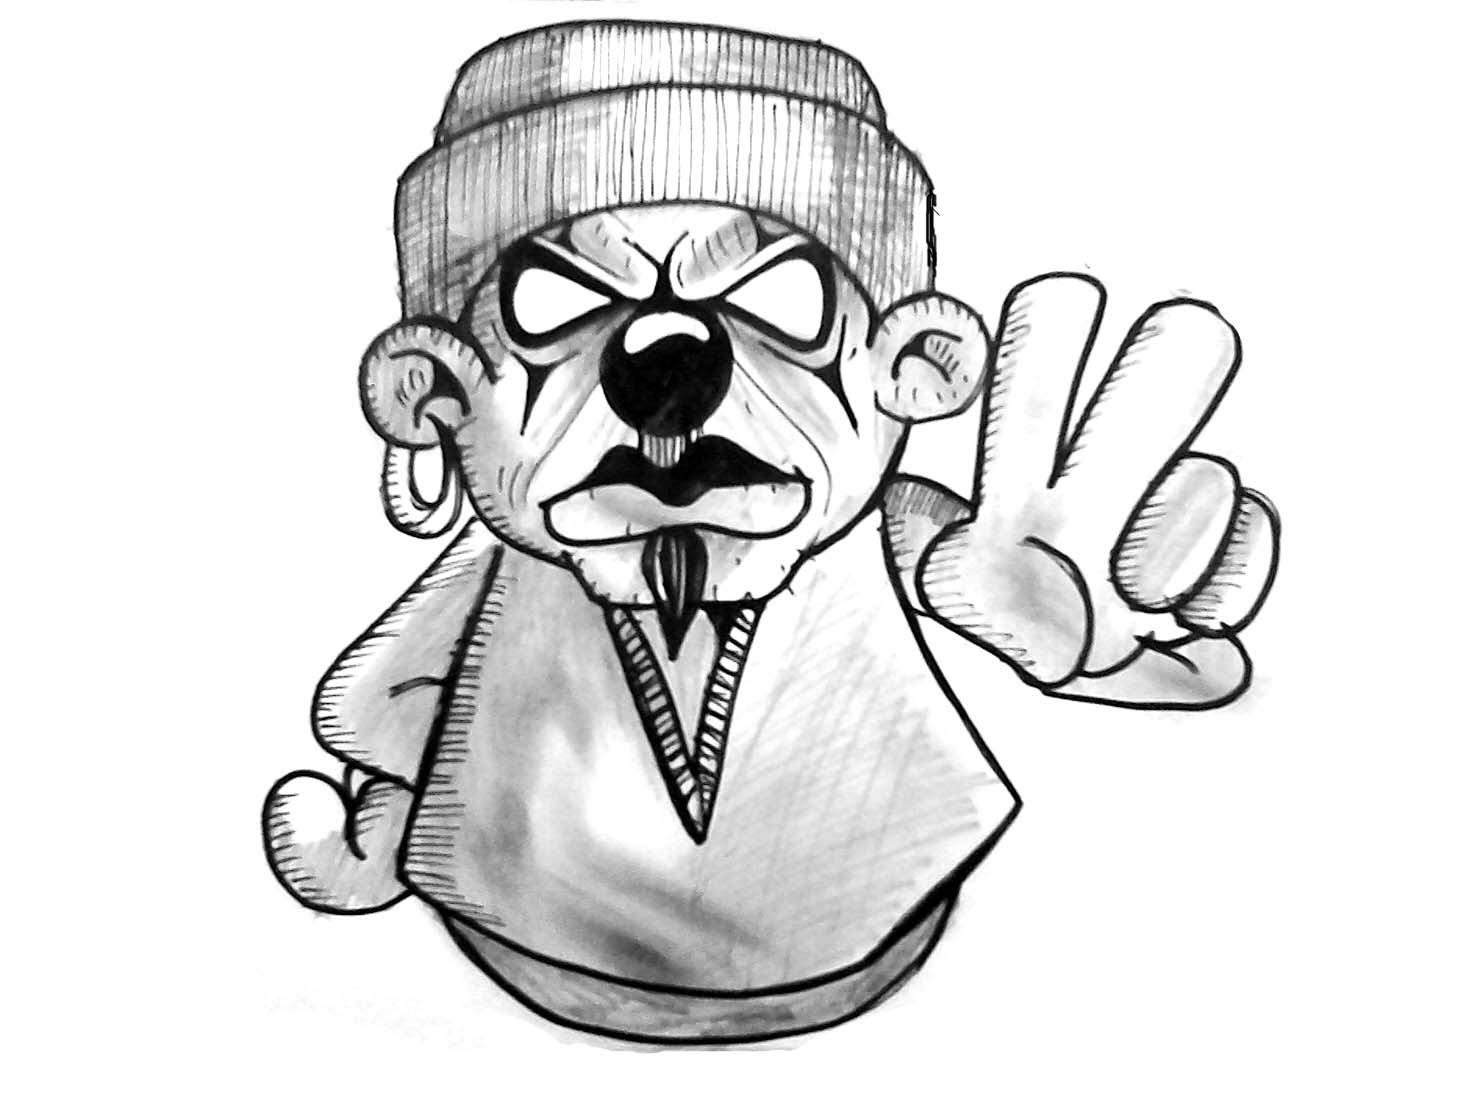 1458x1095 Drawn Clown Graffiti